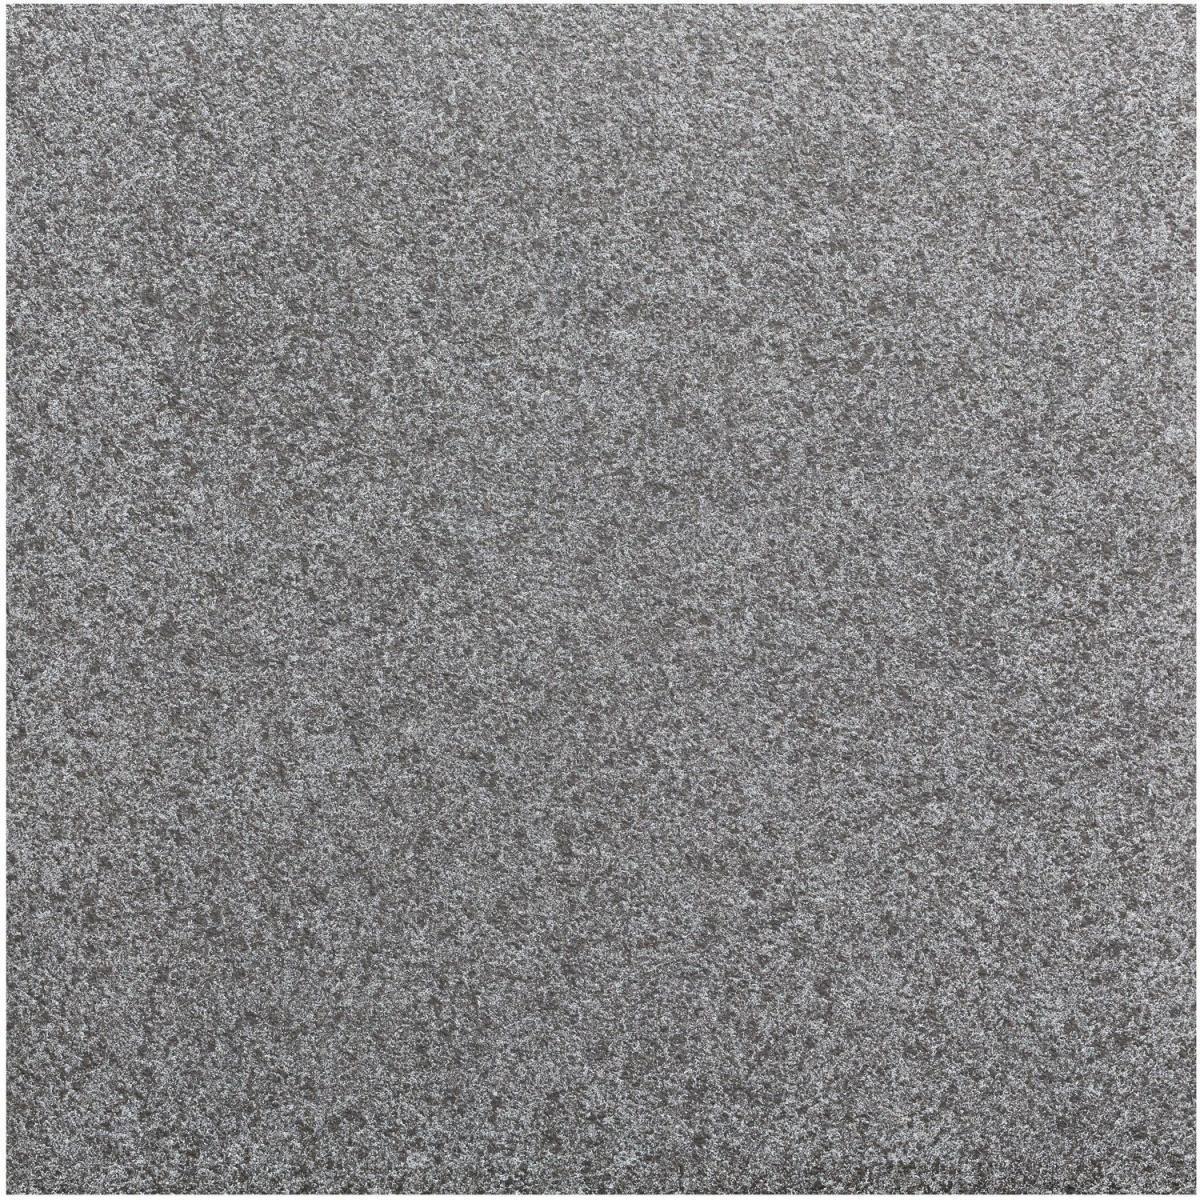 Feinsteinzeug-Platte schwarz, 60x60x2 cm